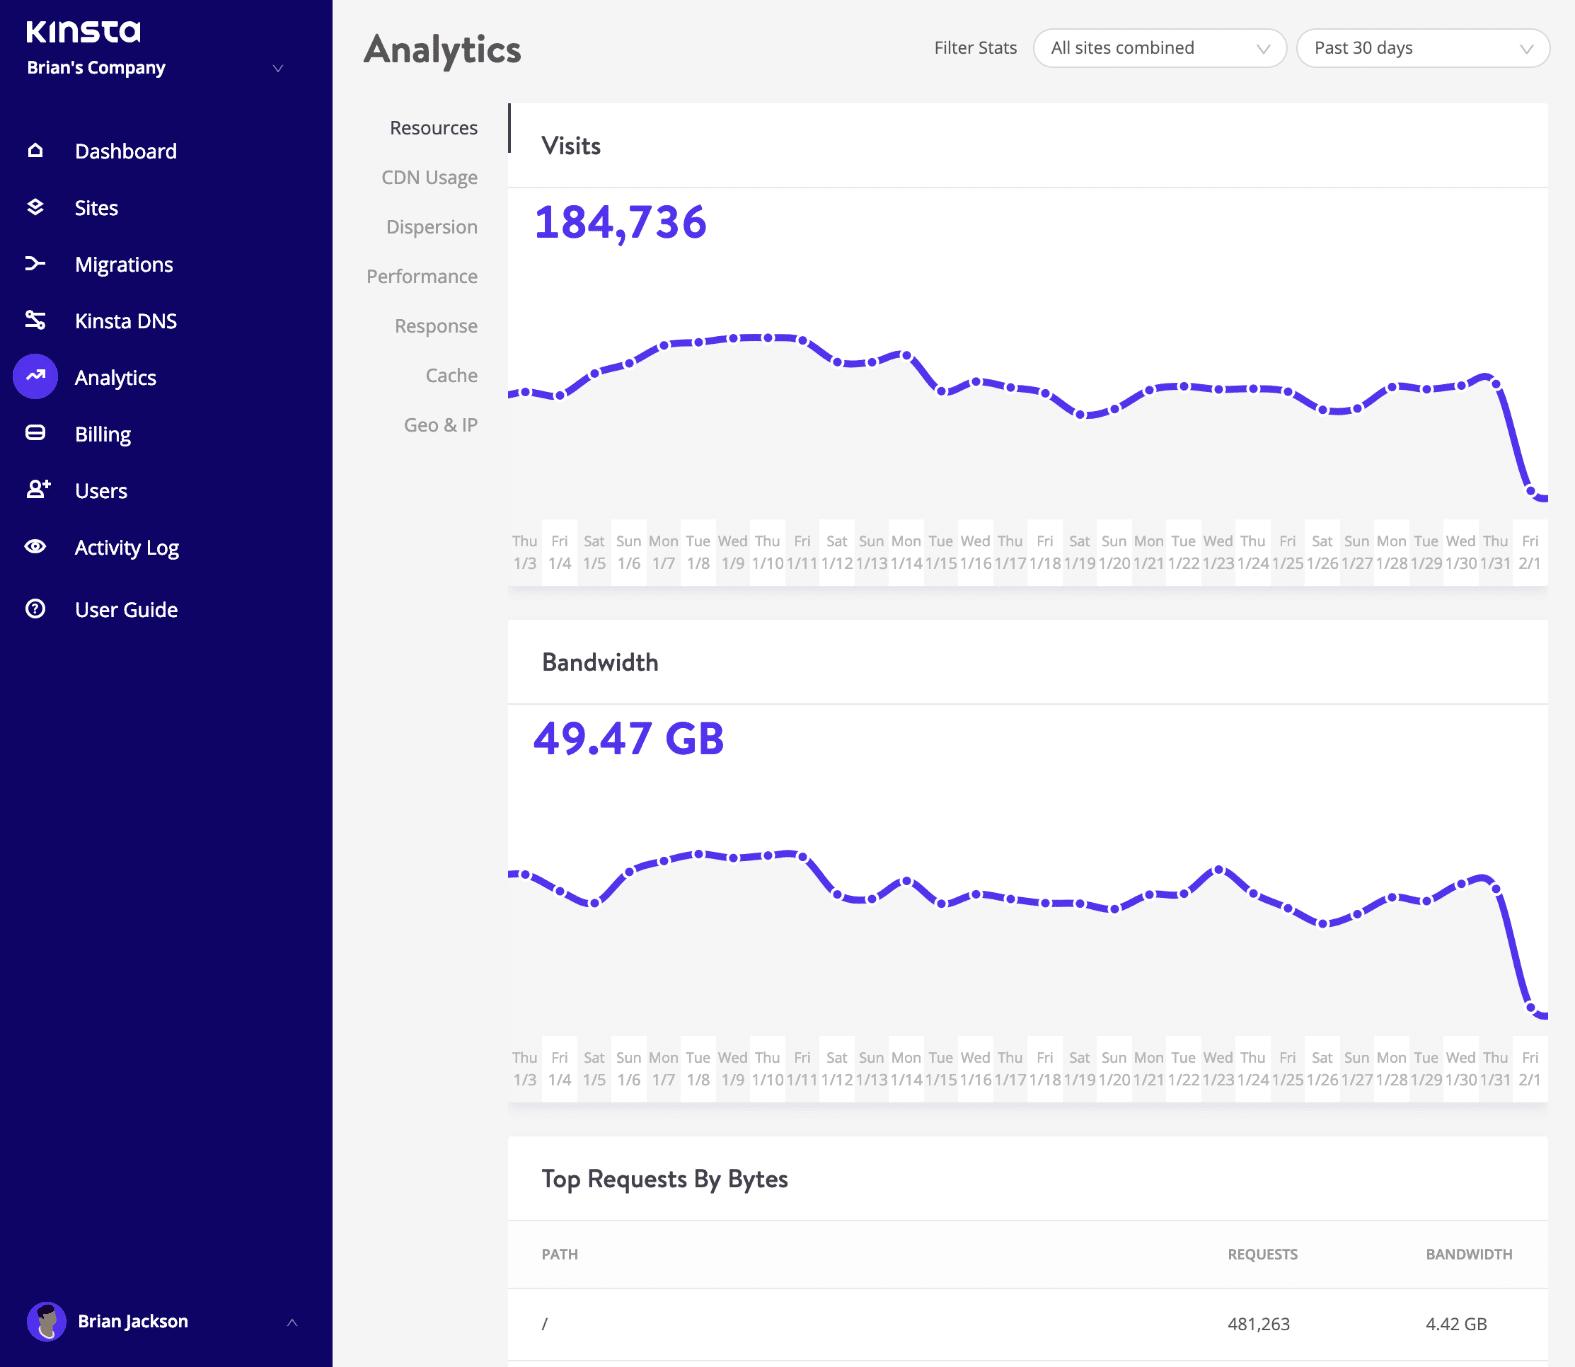 Utilisation des ressources dans Analytics